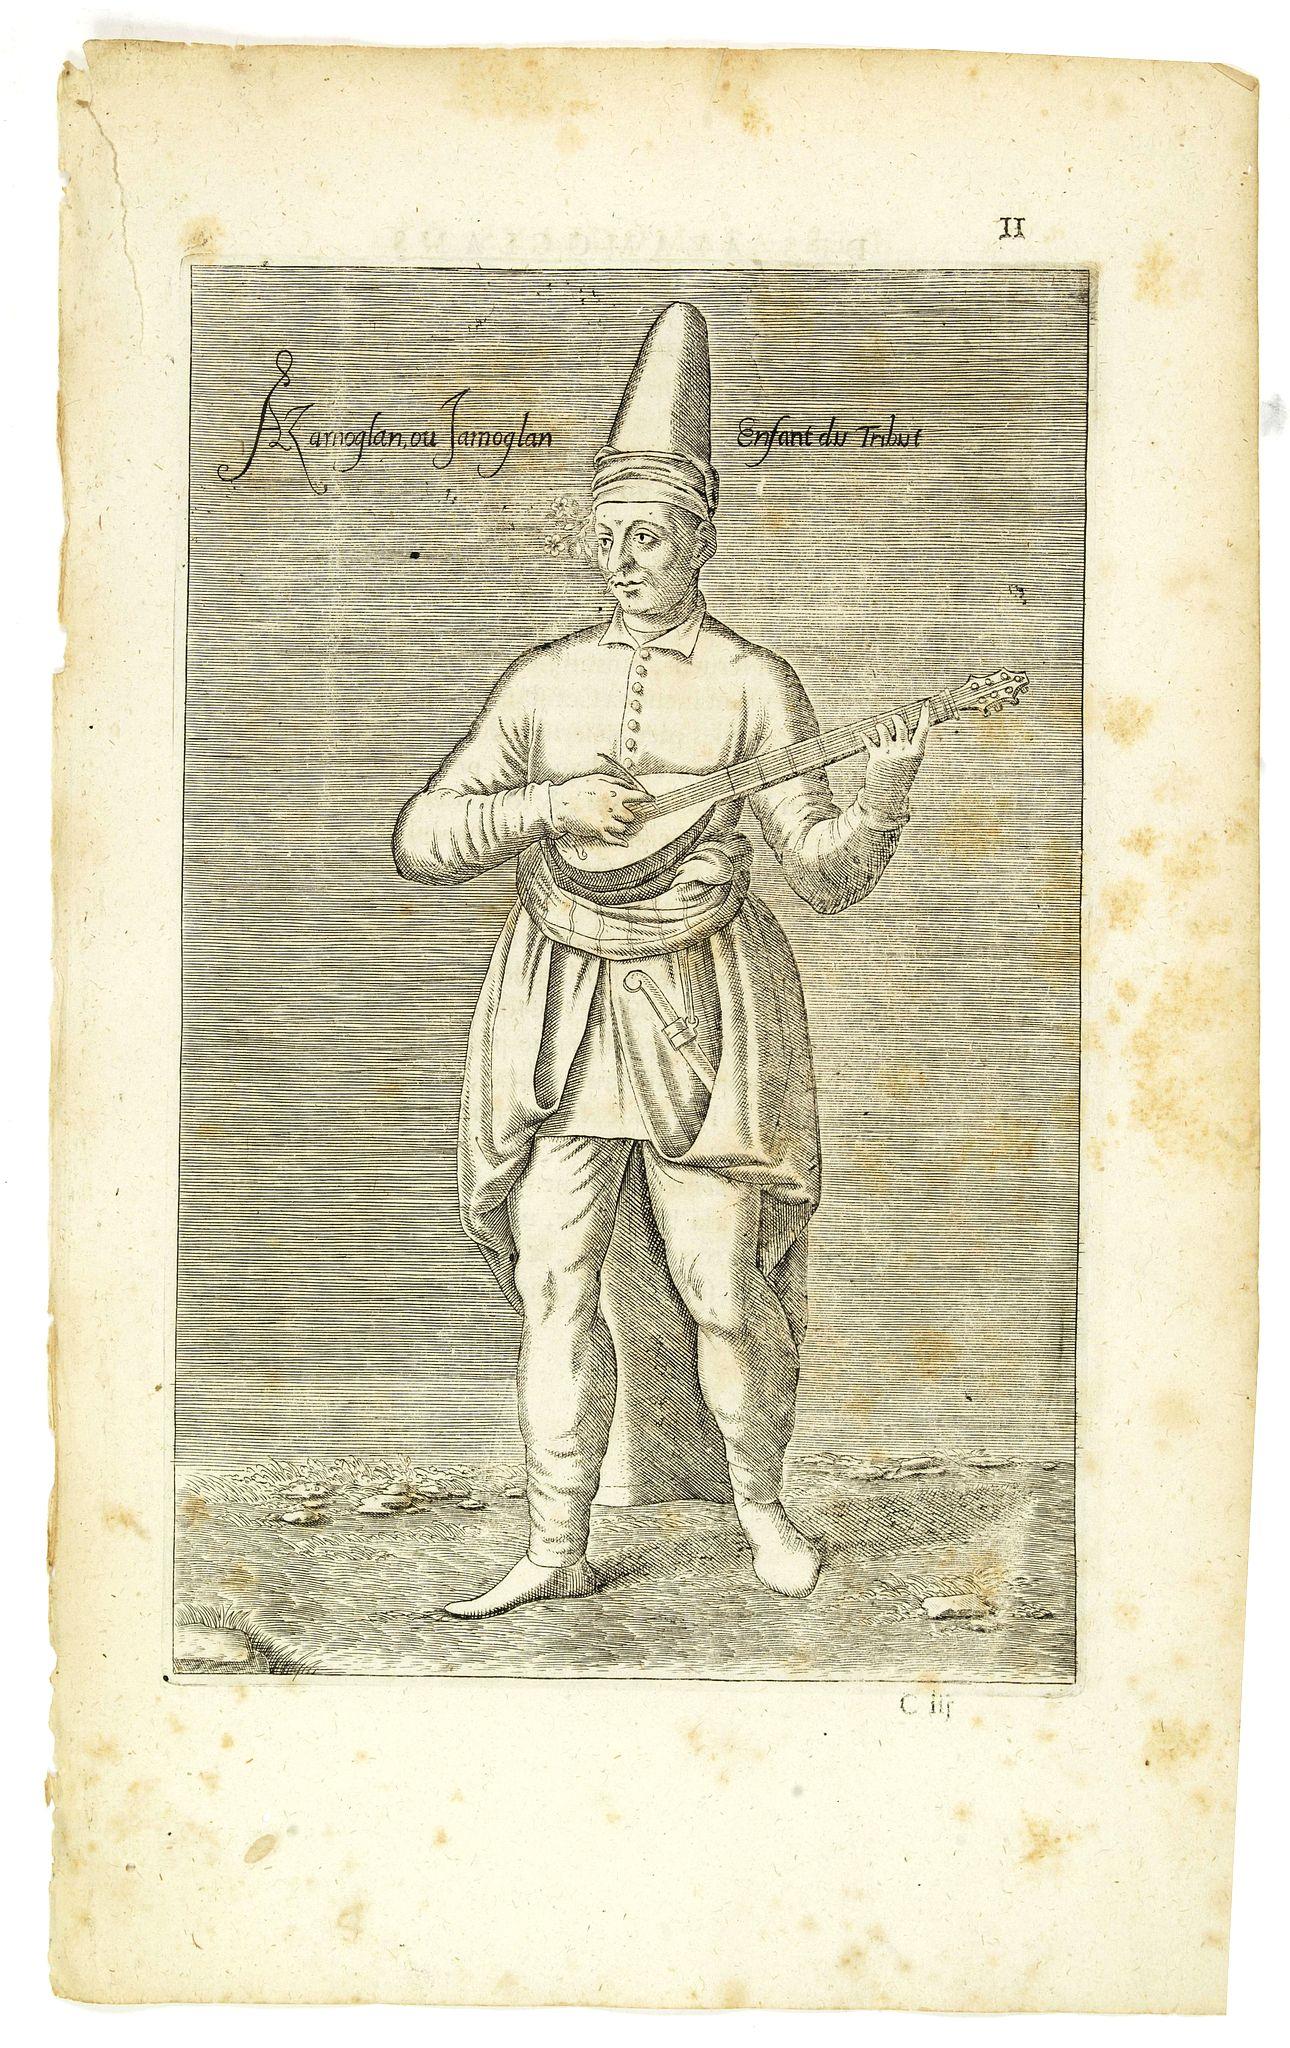 NICOLAS DE NICOLAY, Thomas Artus (sieur d'Embry). -  Azaoglan ou Iamoglan Enfant du tribut. (11)